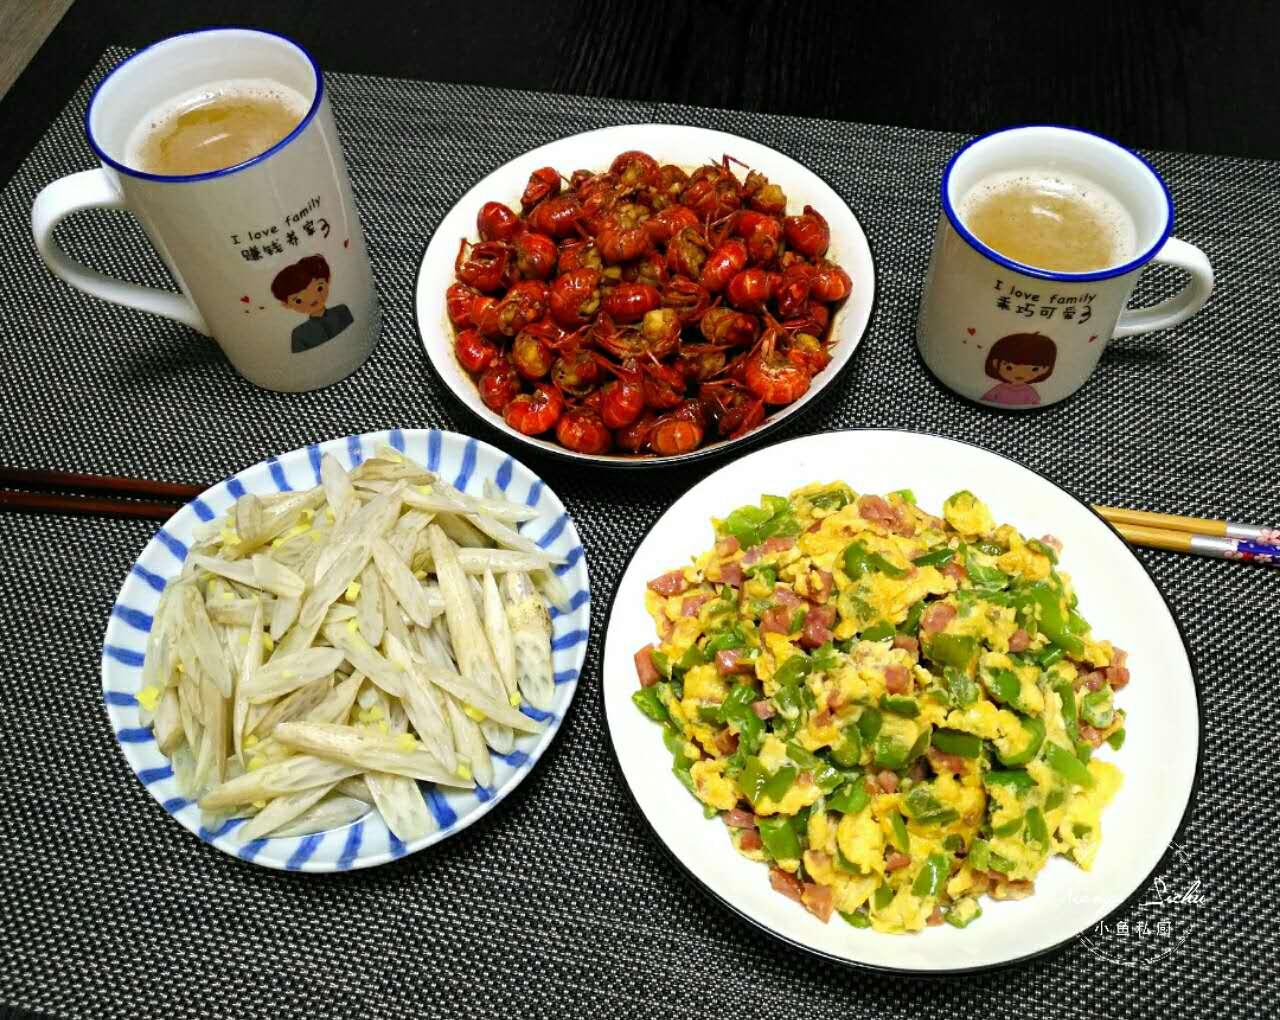 晒晒我家一周的晚餐,7天不重样,营养又开胃,好吃还省钱 美食做法 第1张